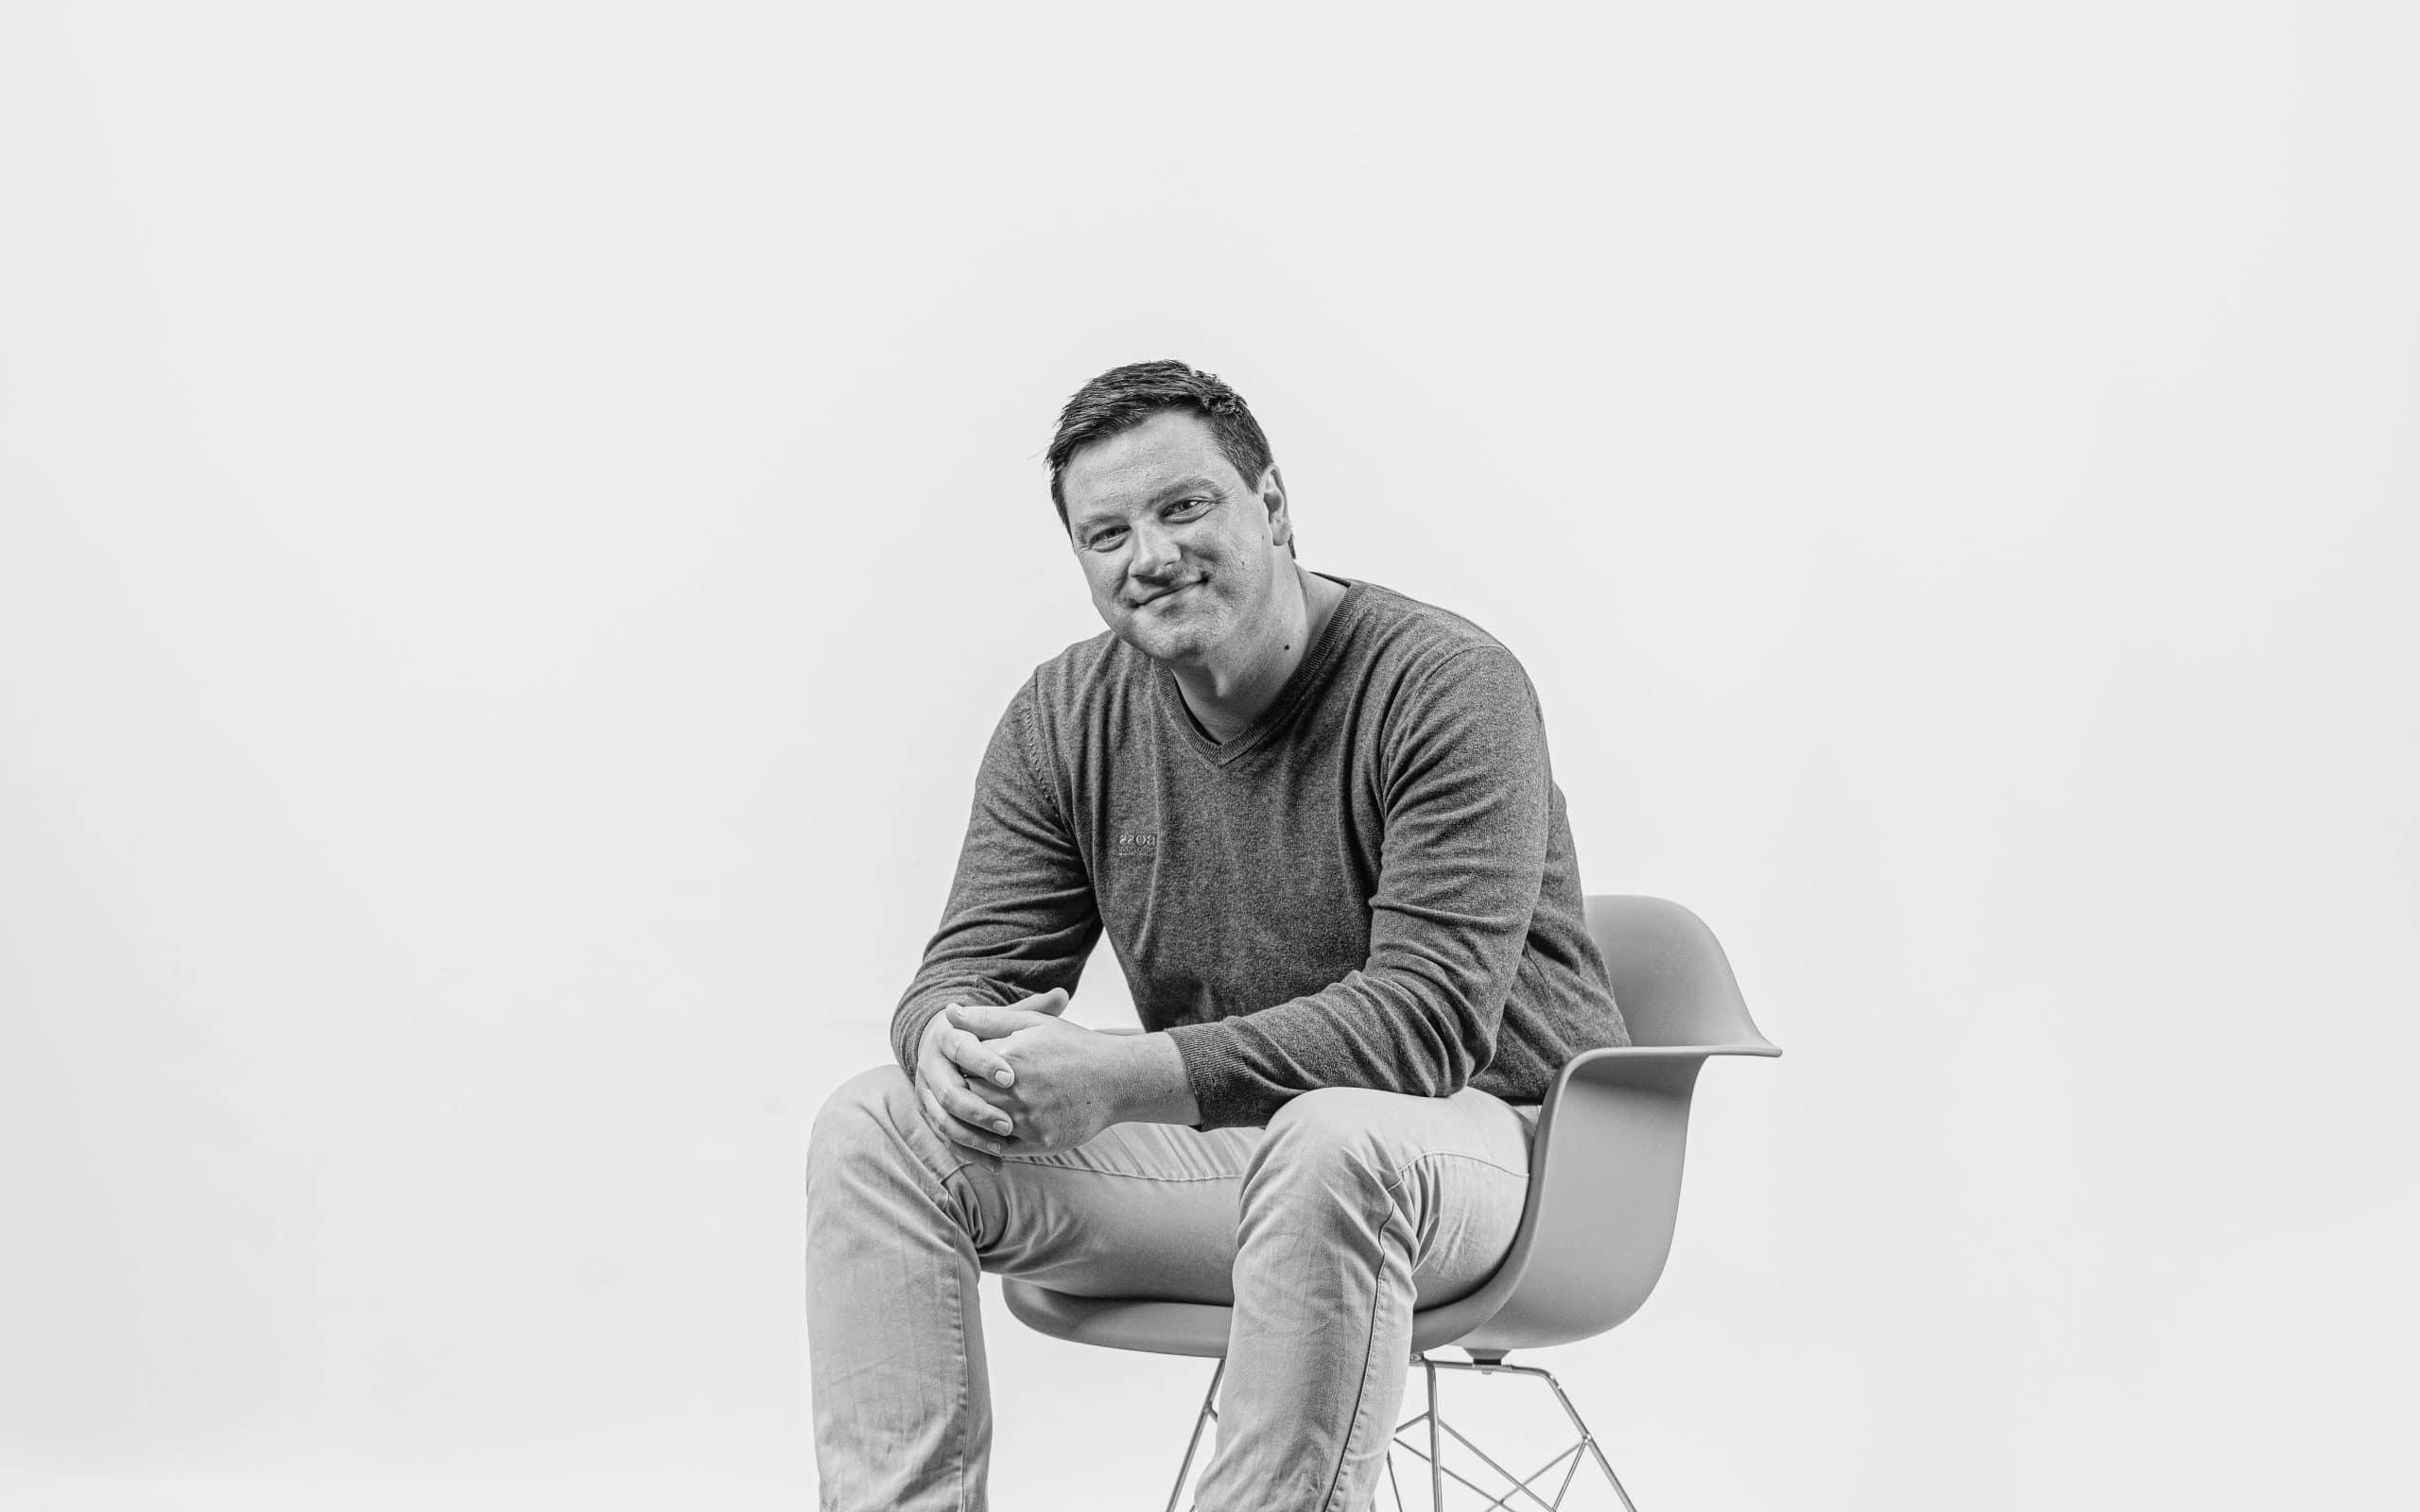 Profilbild von Markus Ulmer in schwarz-weiß